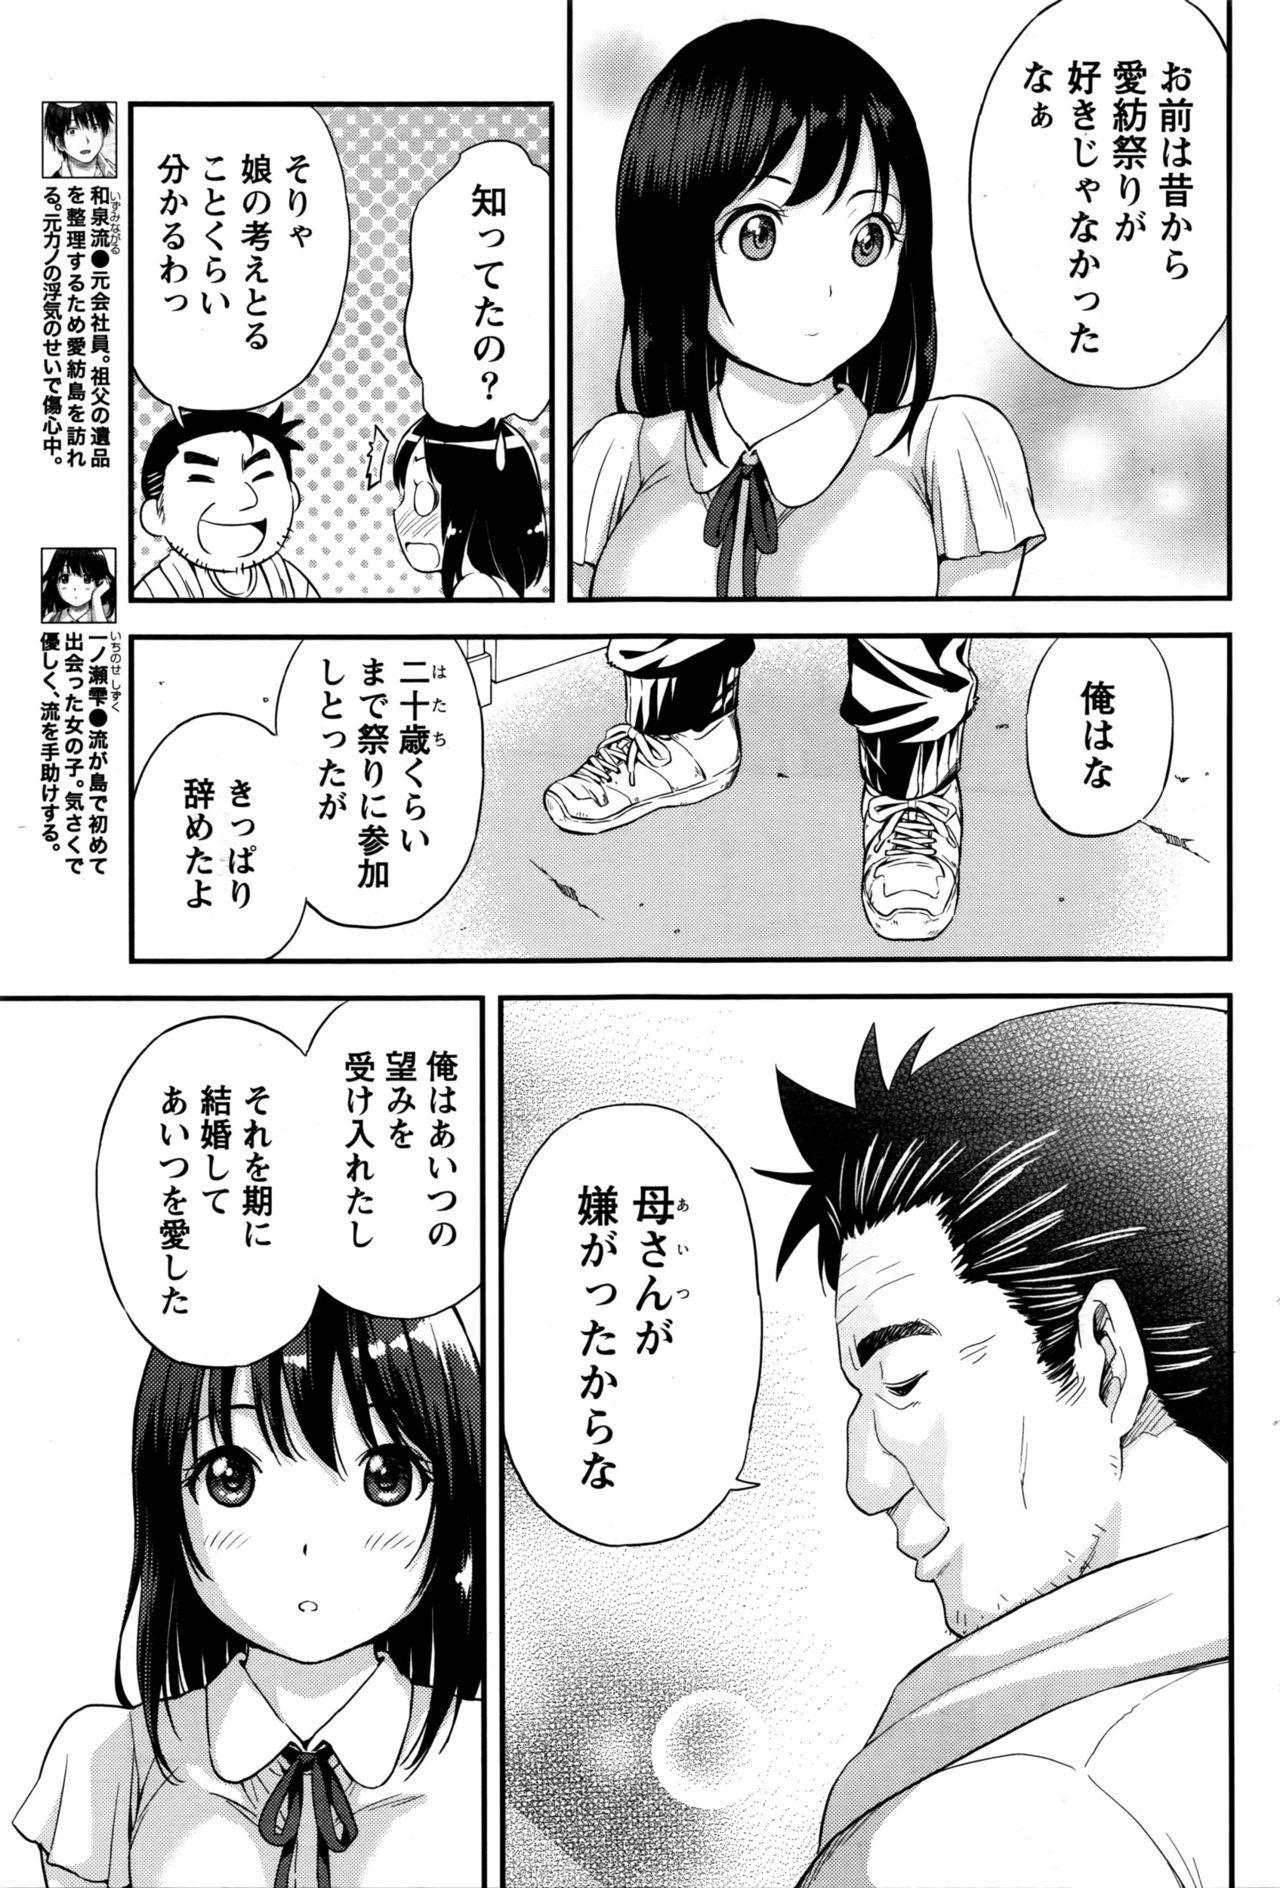 [Higashino Mikan] Atsumujima no Megumi-sama - Goddess of Atsumu-Island 111